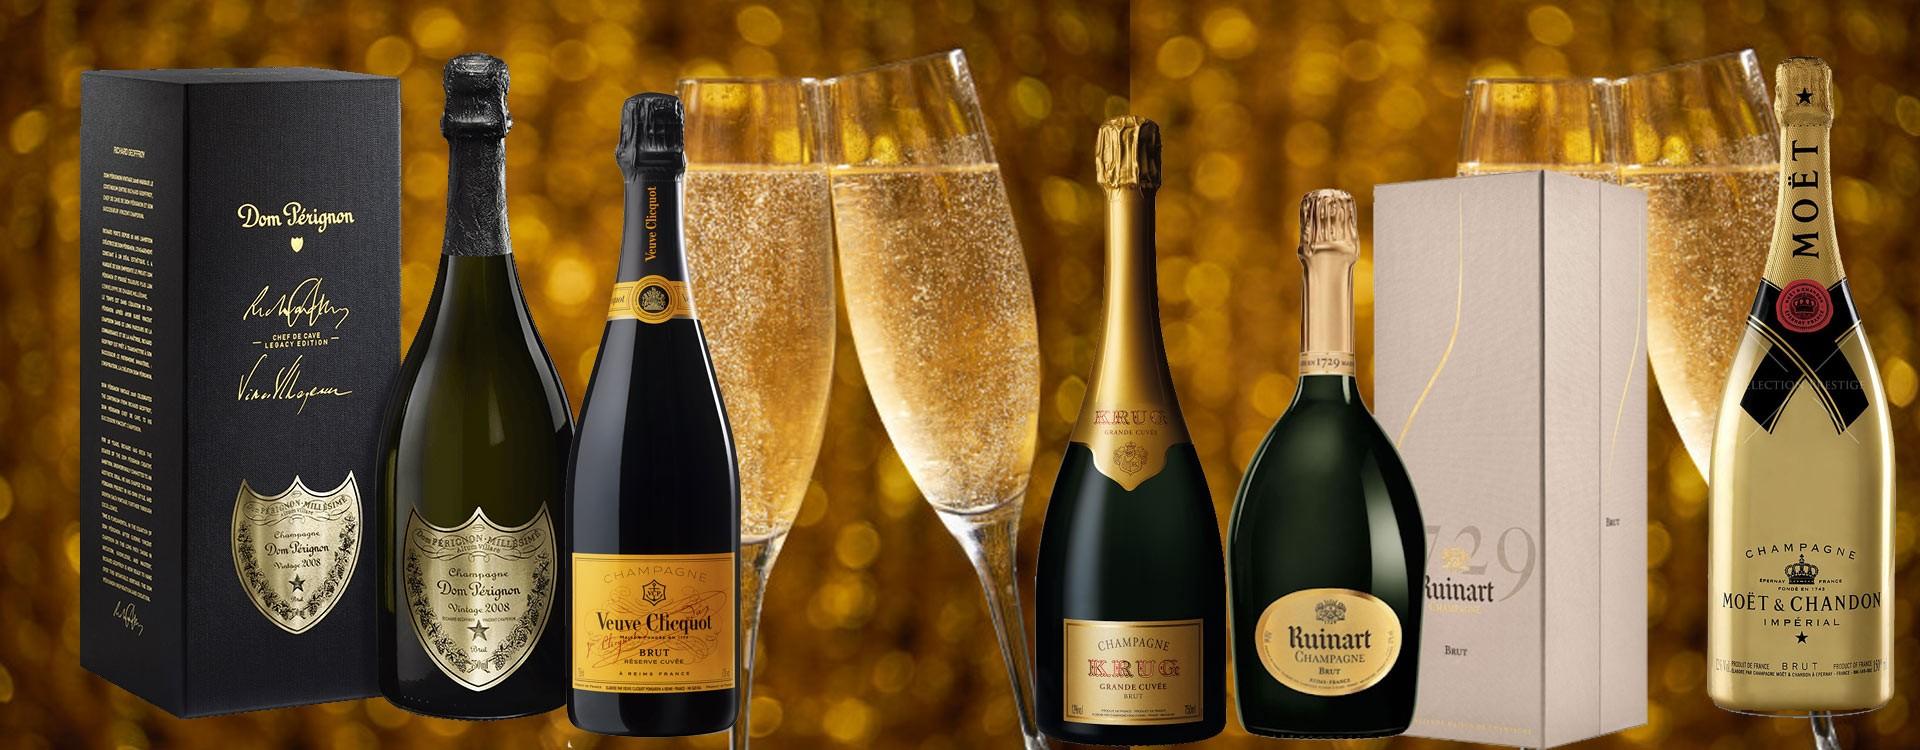 Champagnes Krug, Veuve Cliquot, Dom Pérignon, Moët Chandon, Ruinart